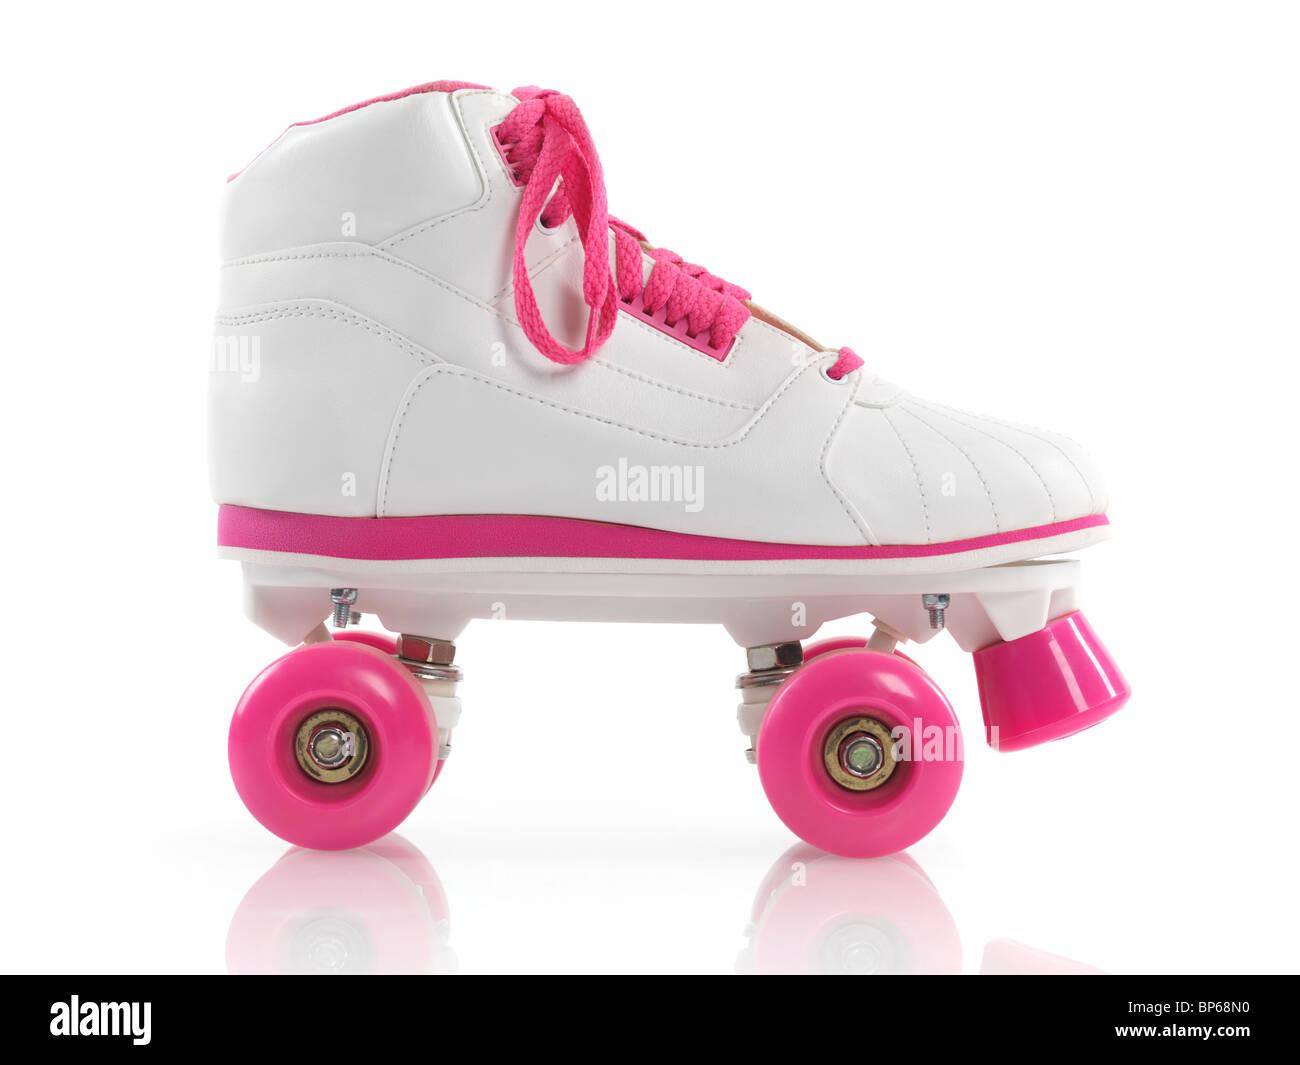 Weiß mit rosa klassische Roller Girl Derby Skate isoliert auf weißem Hintergrund Stockbild